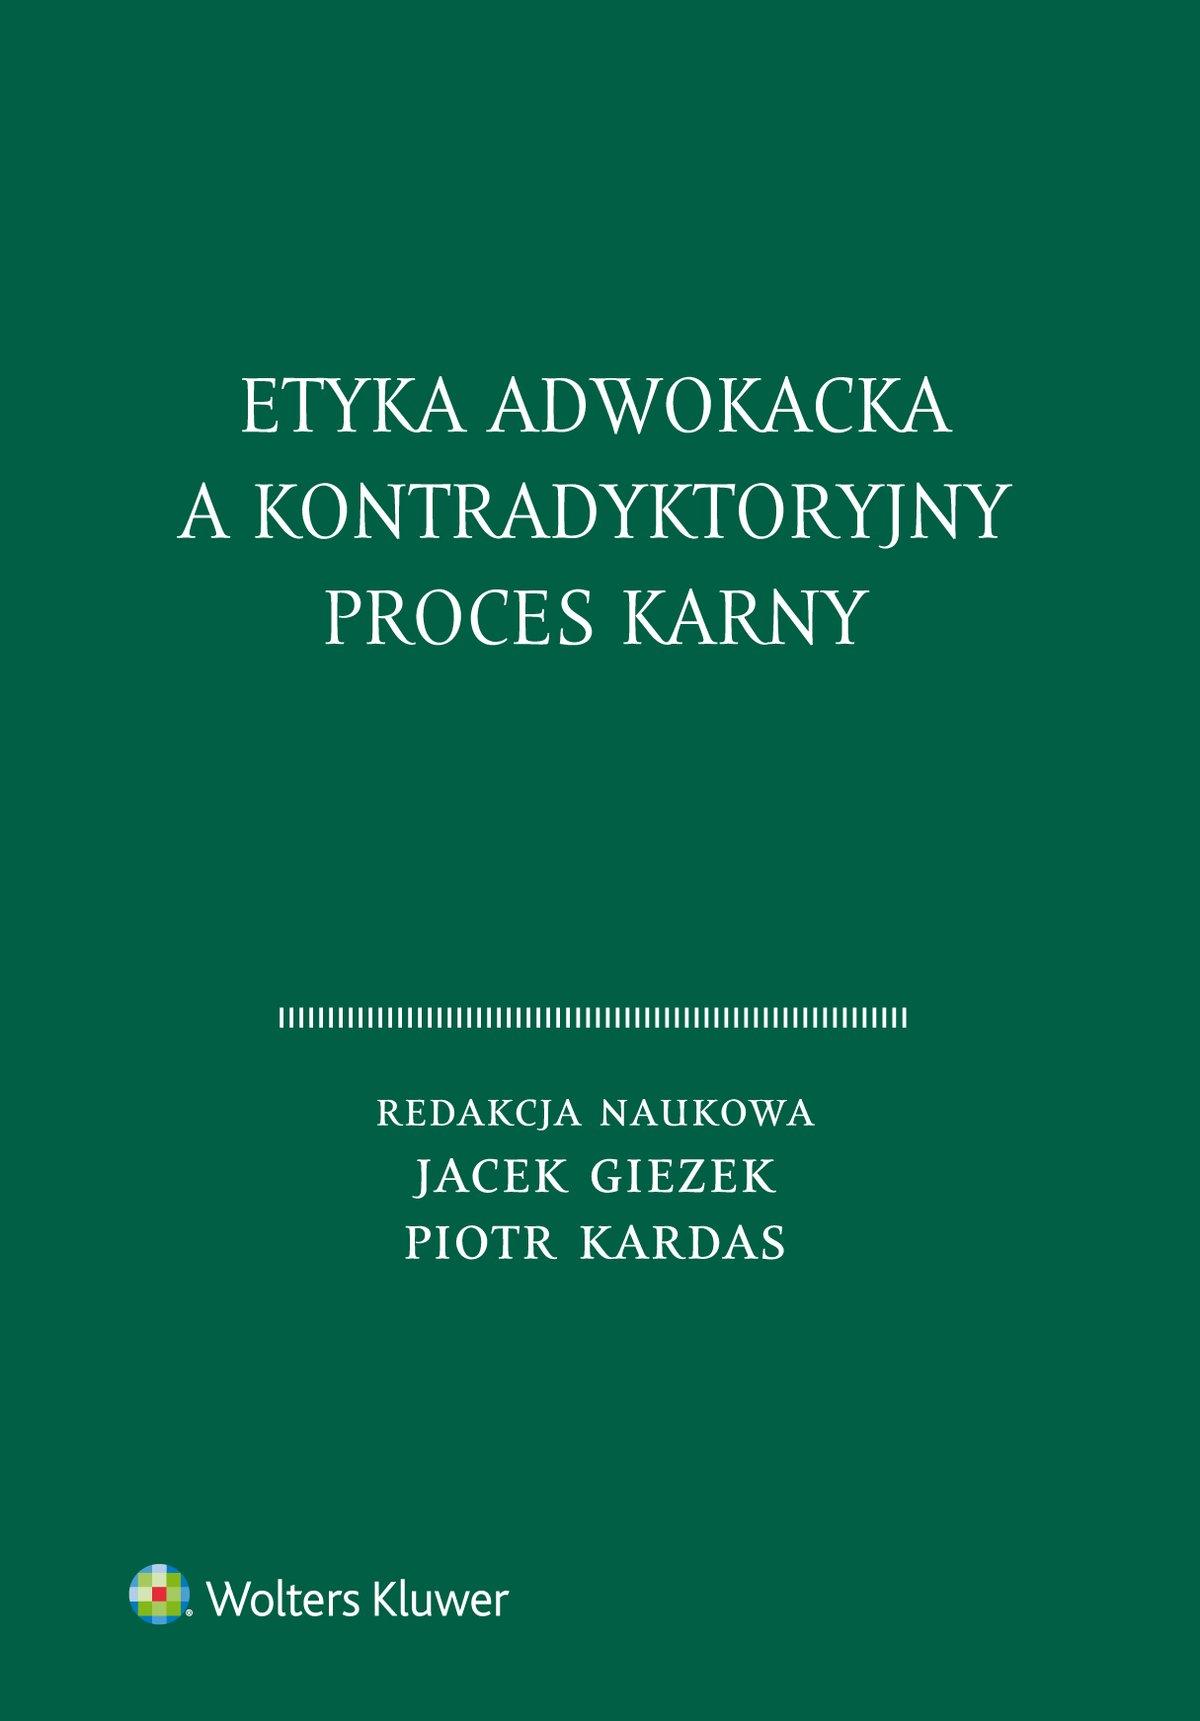 Etyka adwokacka a kontradyktoryjny proces karny - Ebook (Książka PDF) do pobrania w formacie PDF